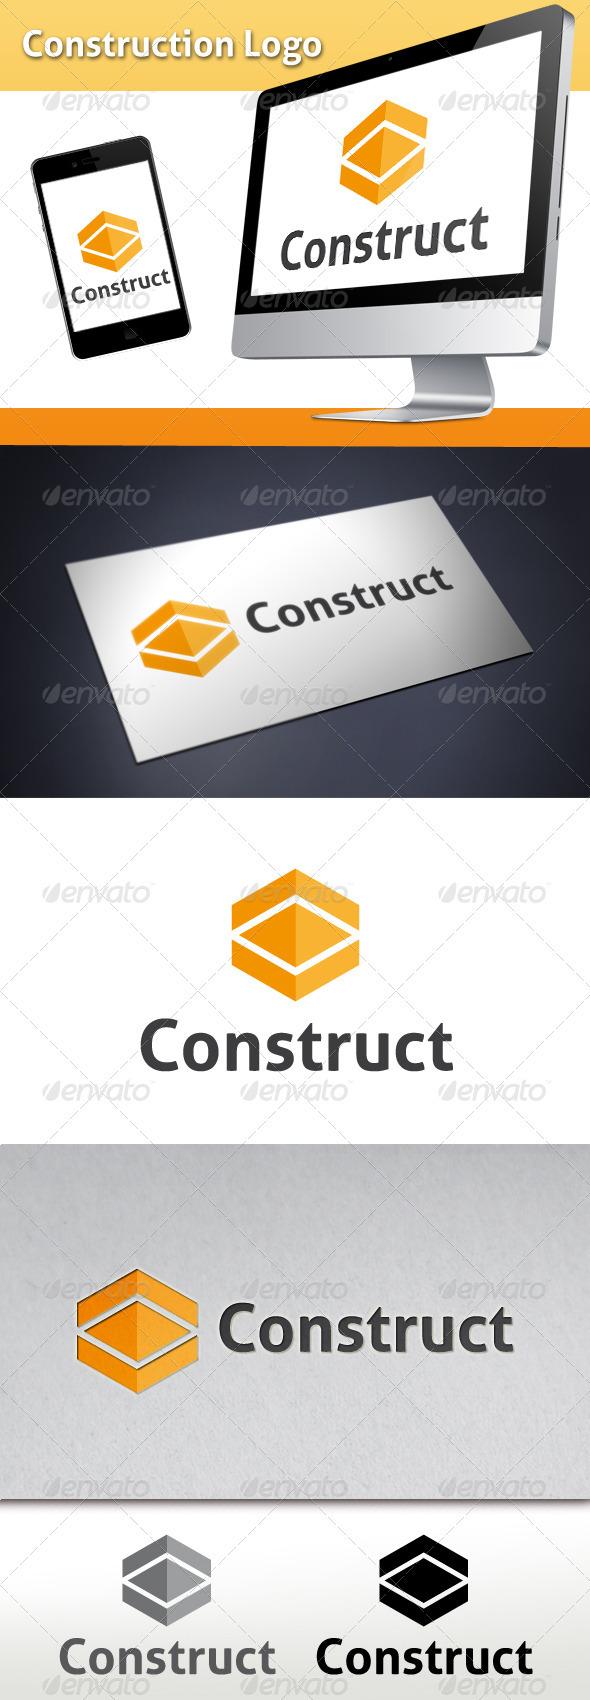 Construction Logo Template - Abstract Logo Templates